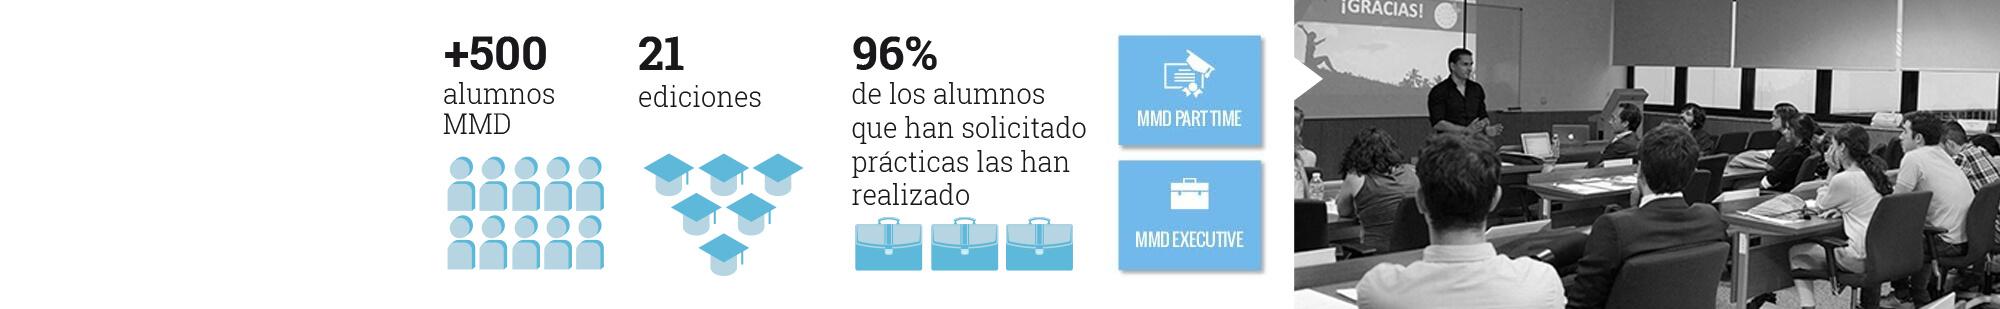 Datos_MMD